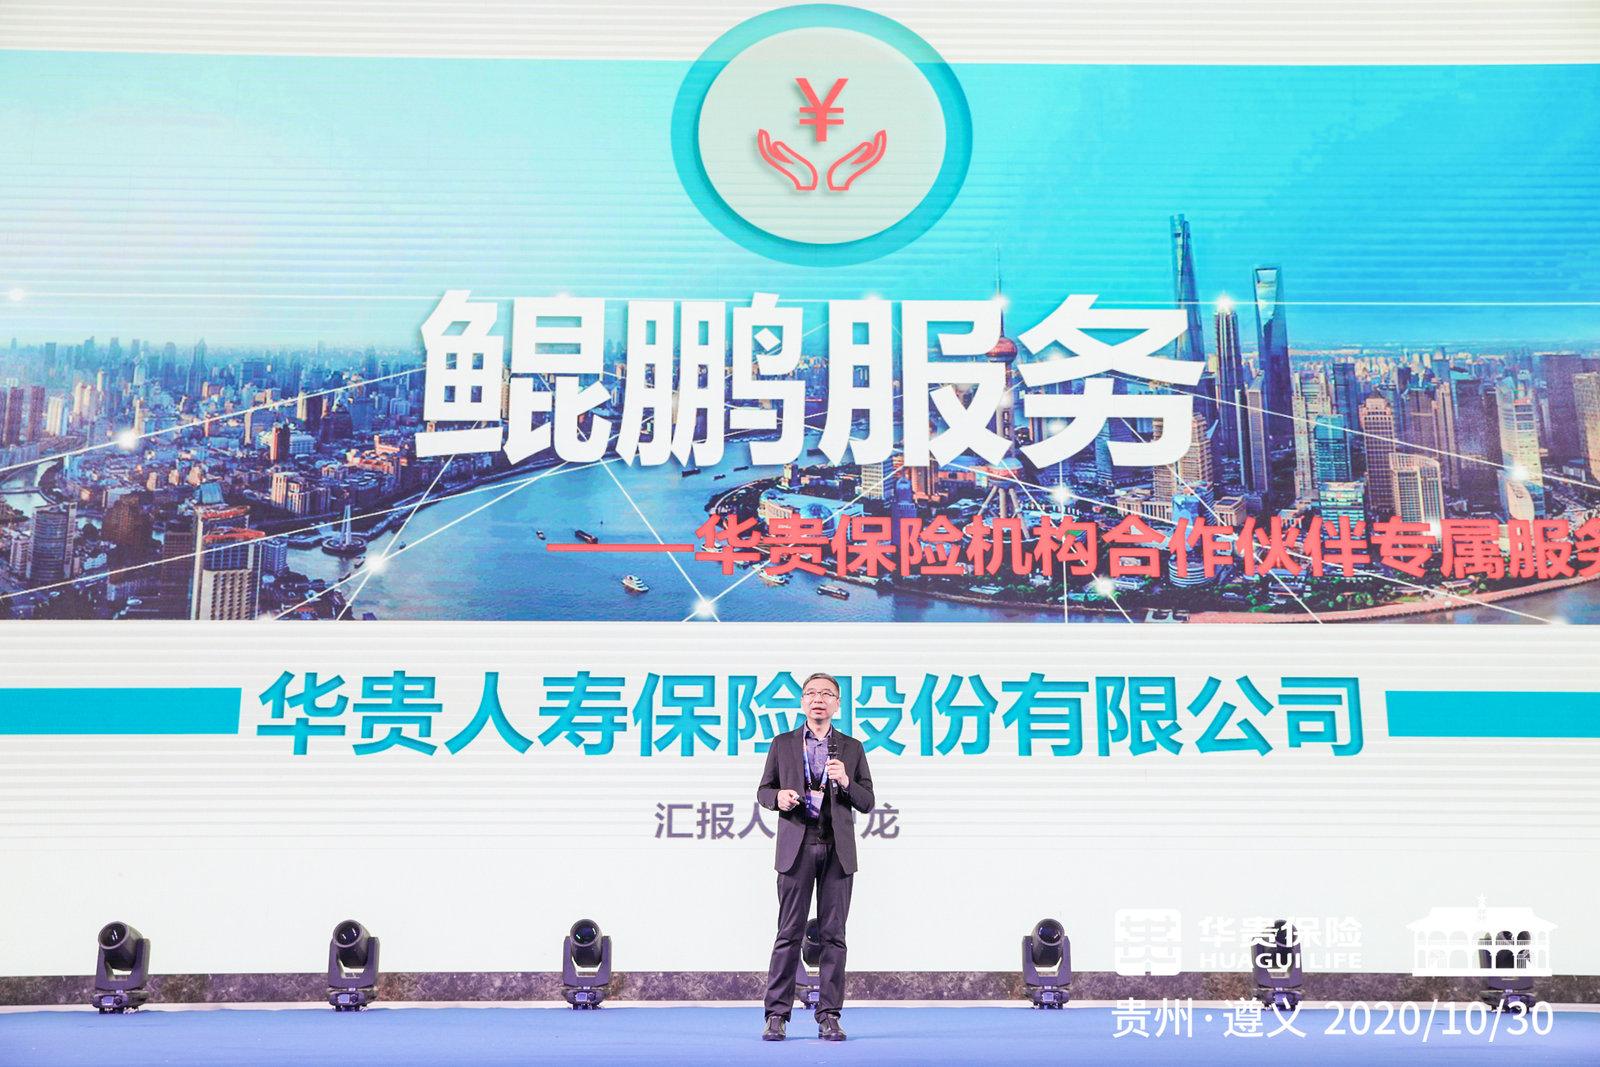 华贵保险副总经理曹龙发布华贵保险机构合作伙伴专属服务品牌-鲲鹏服务